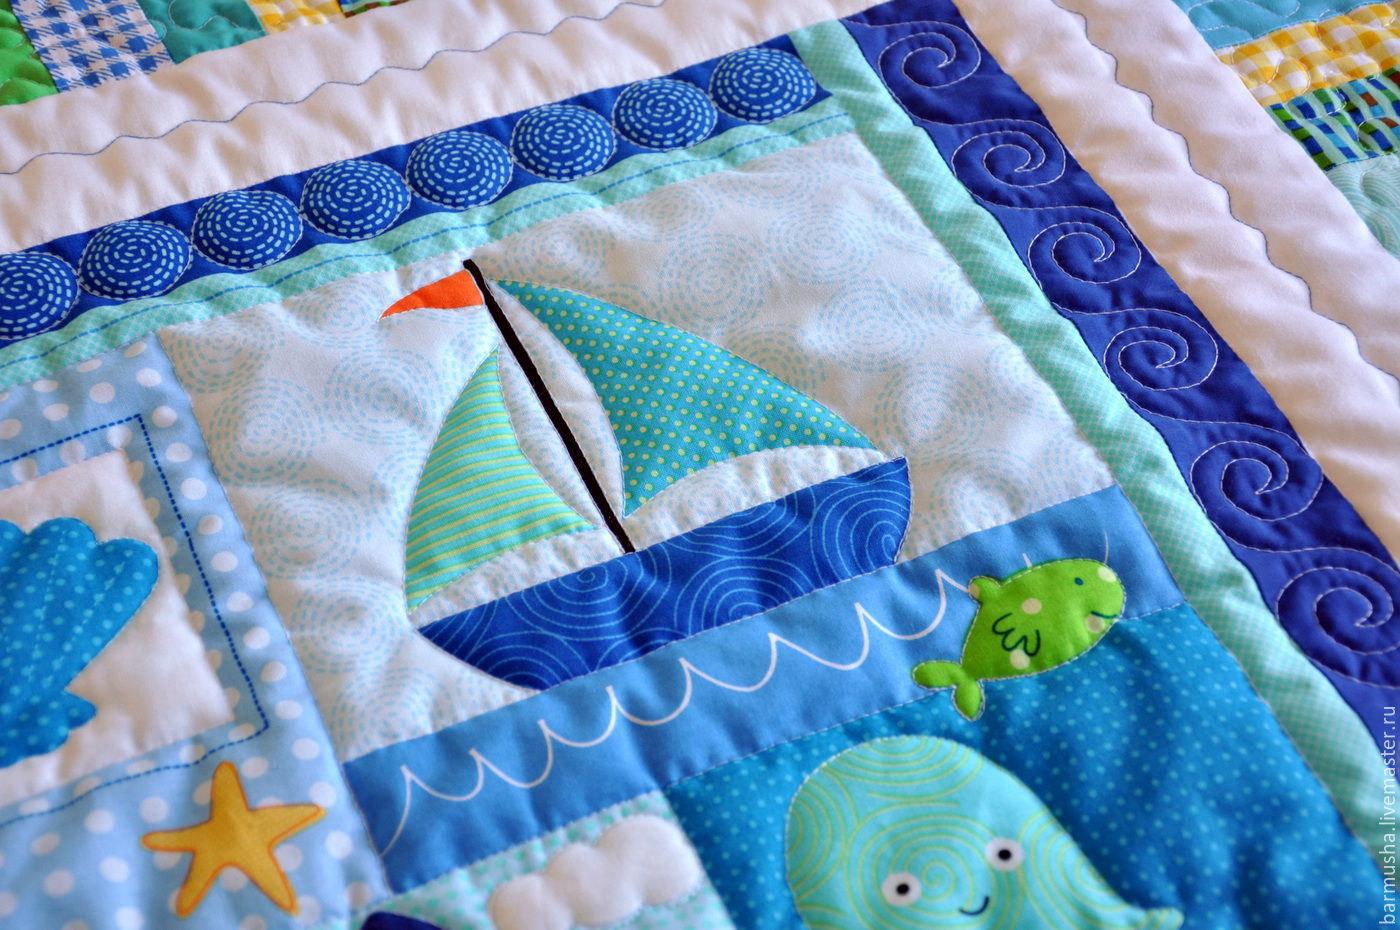 Детское одеяло своими руками. Как сшить детское одеяло для 12